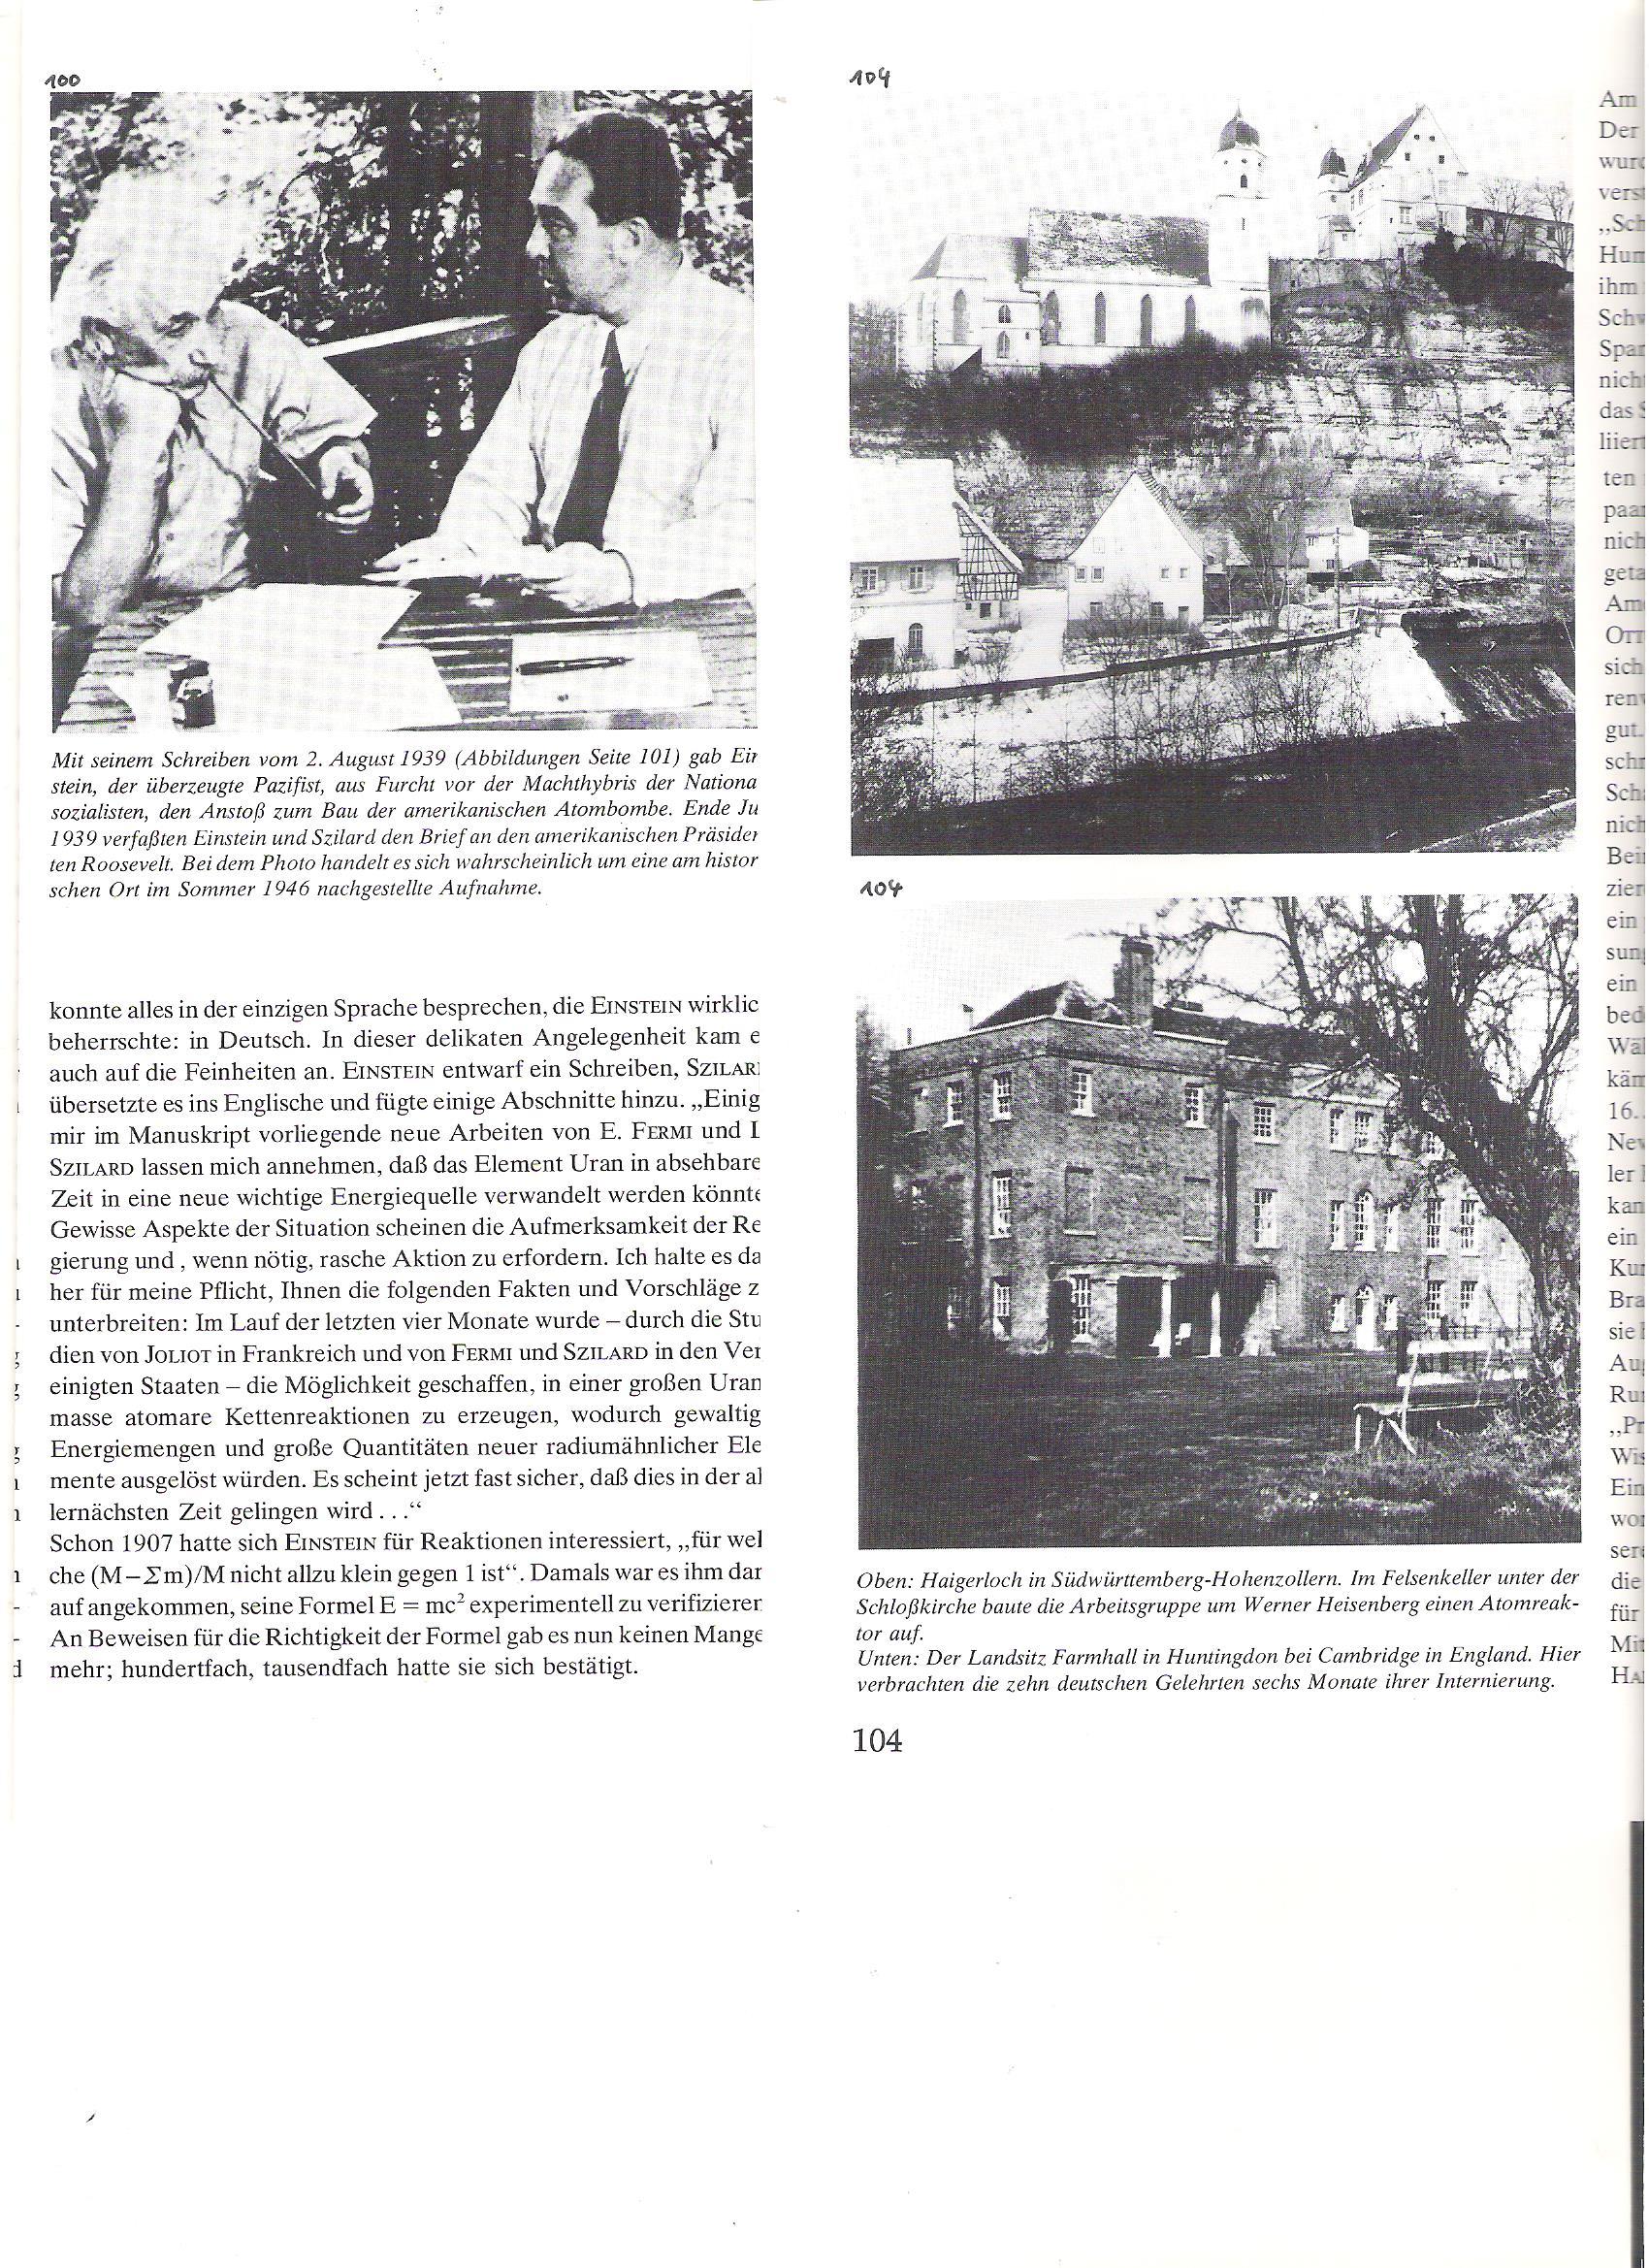 100<br />Einstein, a meggyőződéses pacifista, 1939. aug. 2-i levelével (lásd. kép) a nemzetszocialisták hatalmától való félelmében az atombomba építéséhez egy lökést adott. 1939 végén Einstein és Szilárd megfogalmazták a levelet Roosevelt elnöknek. (Kép rekonstruálva 1946 nyarán).<br /><br />104<br />Haigerloch, Dél-Württenberg, Hohenzollern-hegység. A vártemplom sziklapincéjében épített Werner Heisenberg csapata egy atomreaktort.<br /><br />104<br />Farmhall vidéki kúria a Cambridge (Anglia) melletti Huntingdonban. Ide internáltak tíz német tudóst hat hónapig.